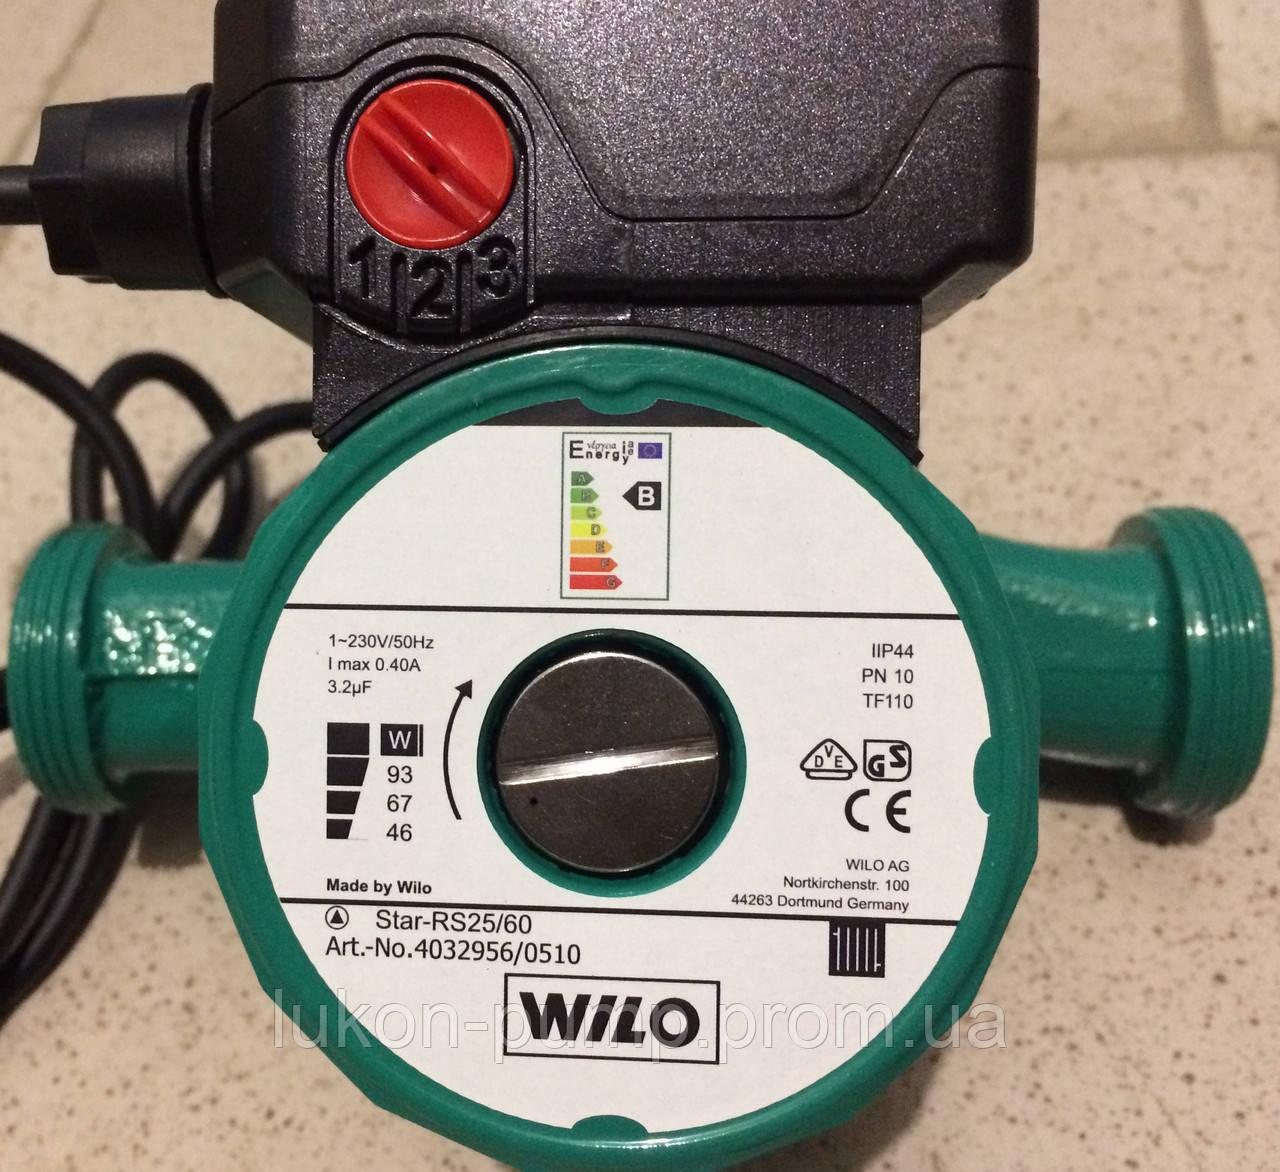 Насос циркуляционный для отопления Wilo оригинал (модель 2017-2018)